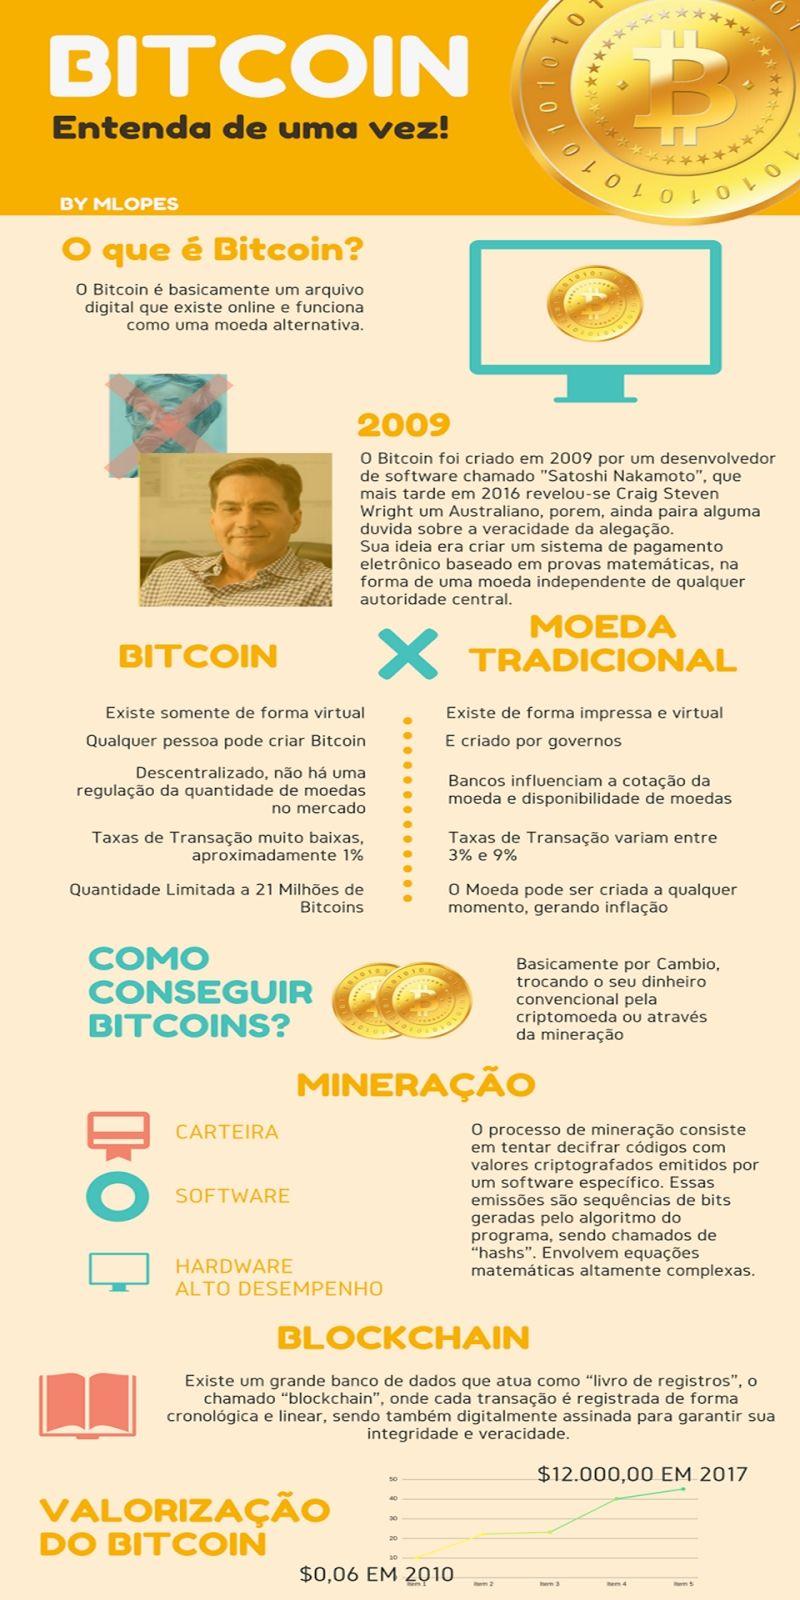 investindo em bitcoin em um orçamento